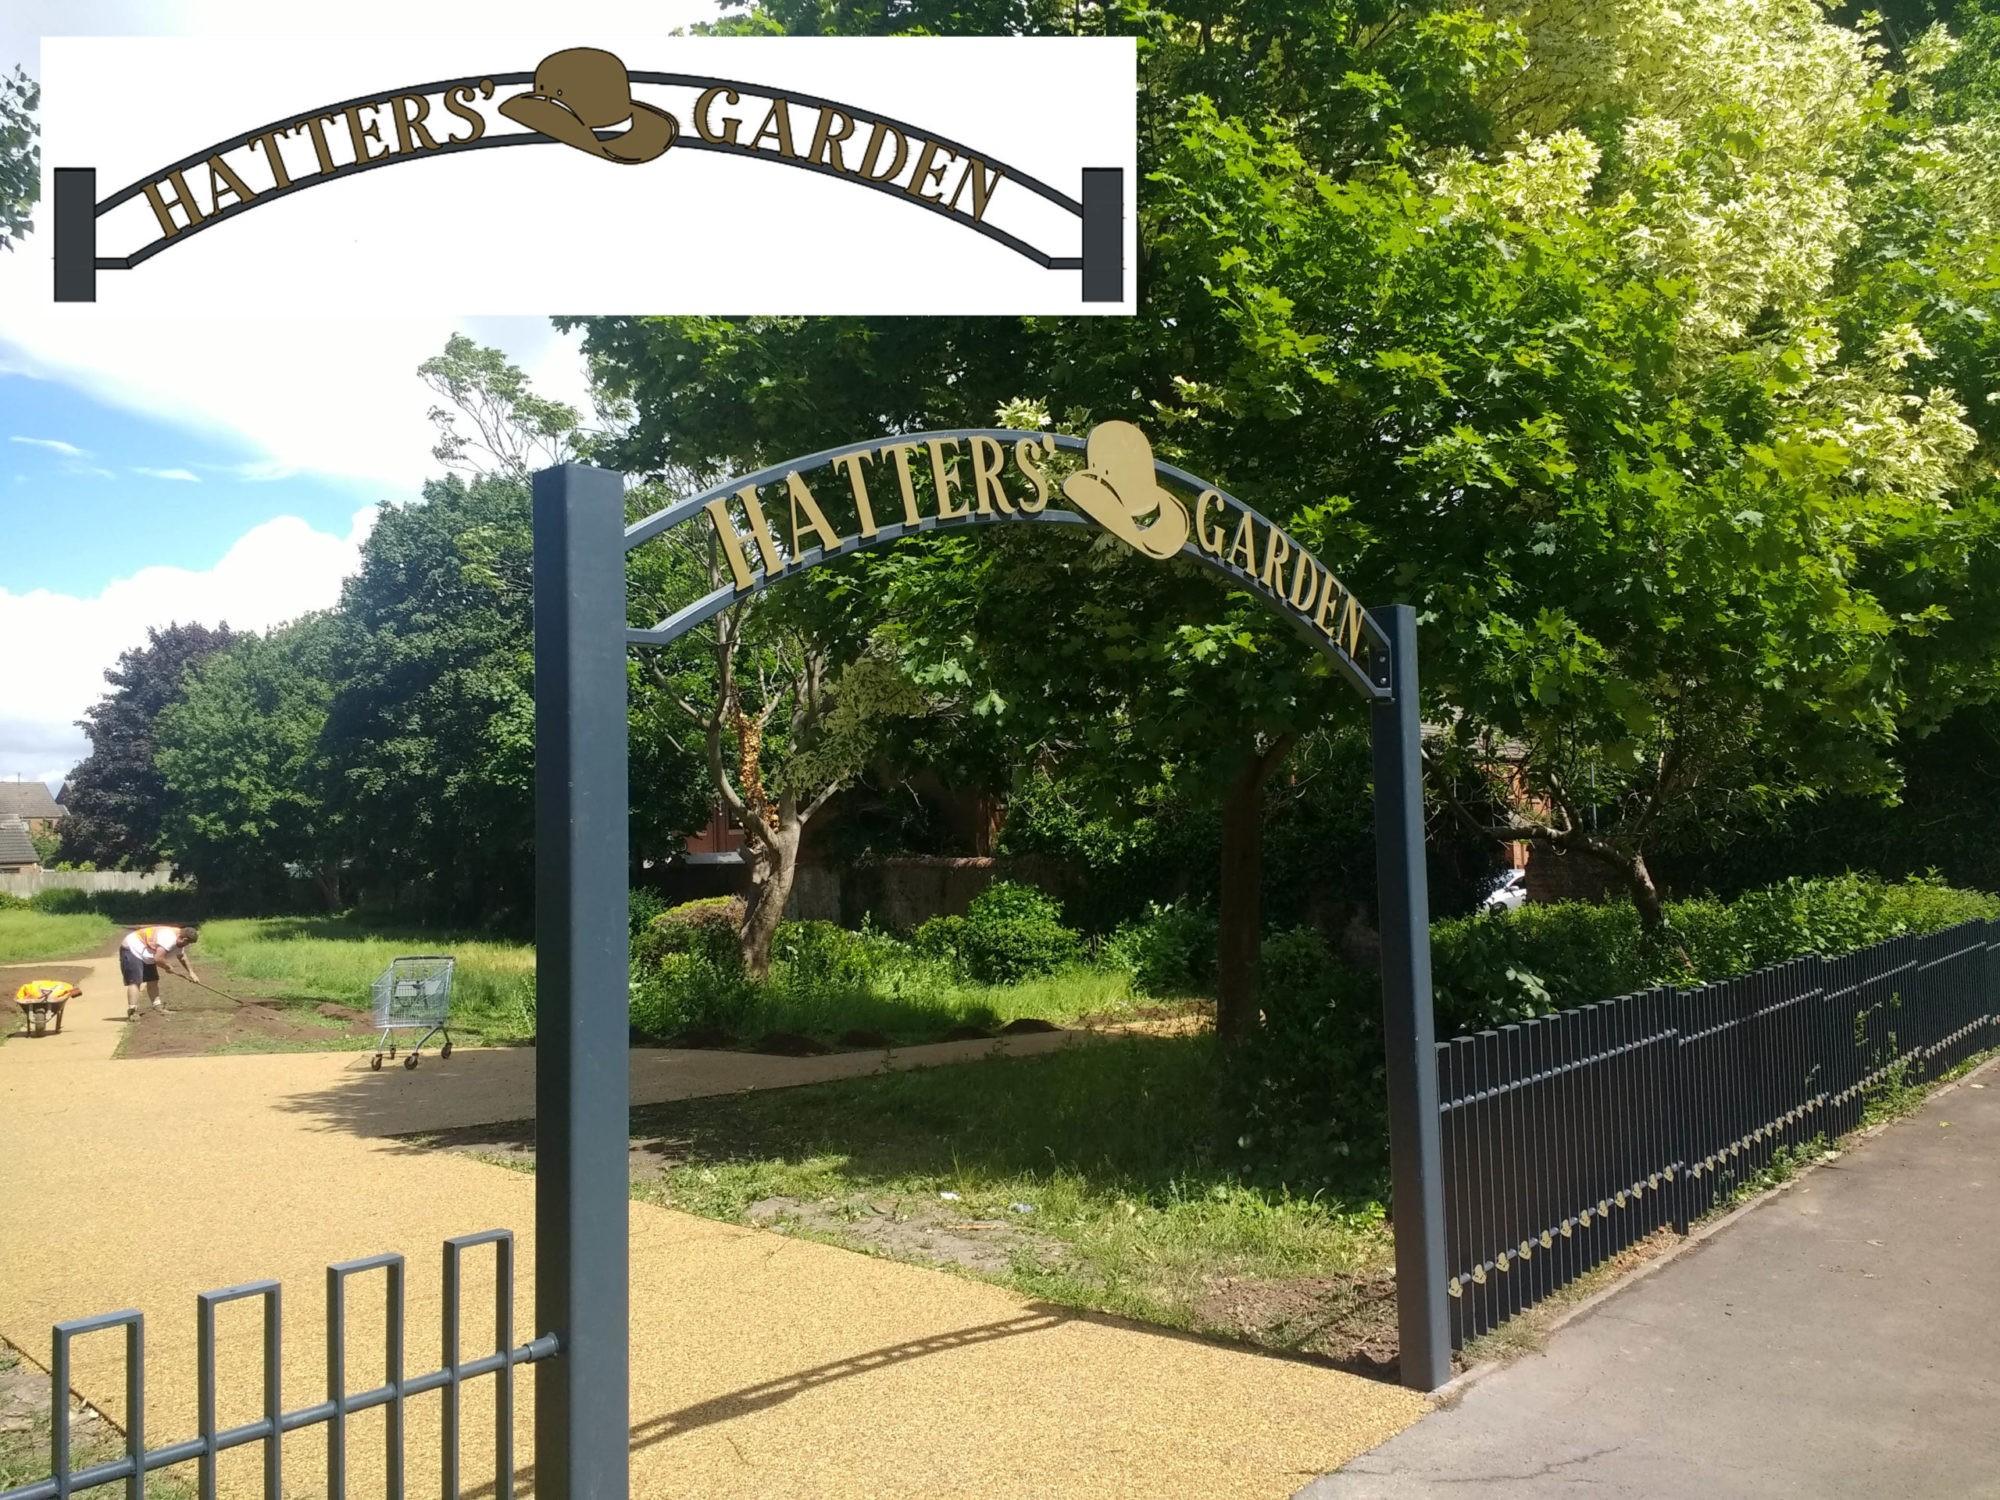 Hatters' Garden Decorative Archway